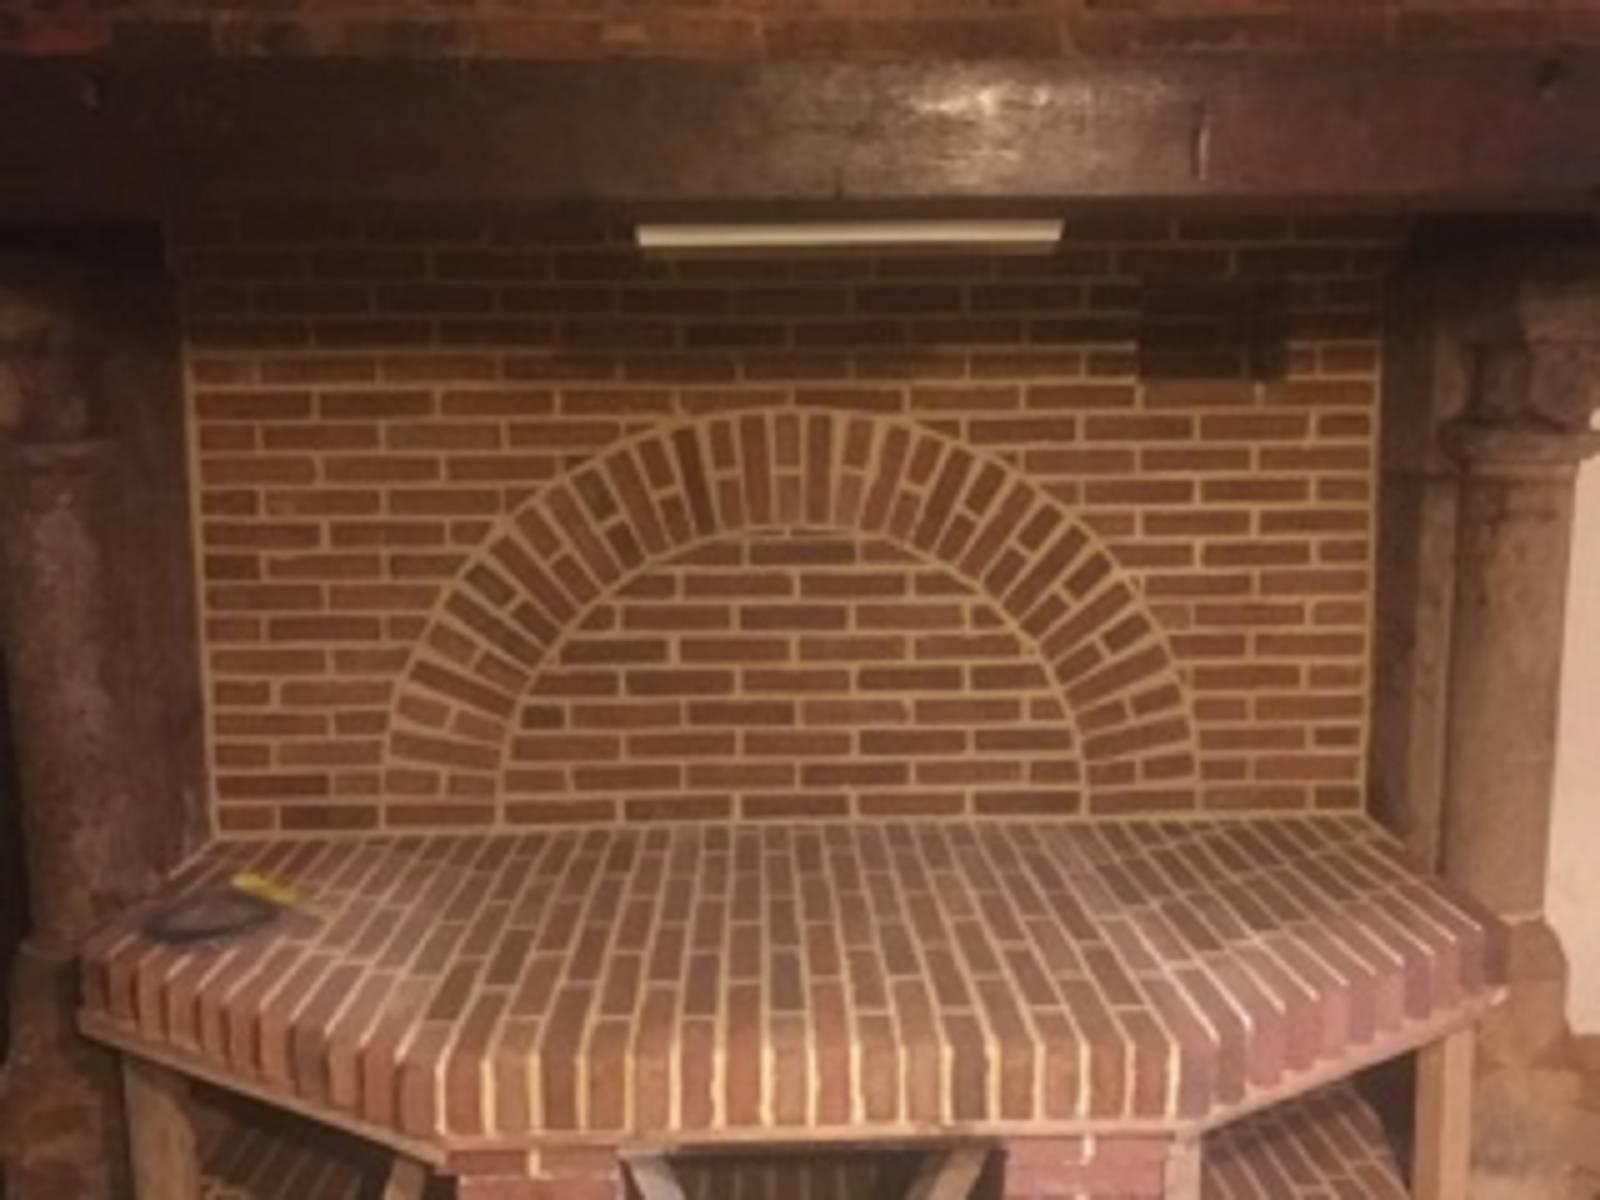 Renovation De Cheminee Ancienne rénovation d'un foyer âtre, cheminée en brique pleines